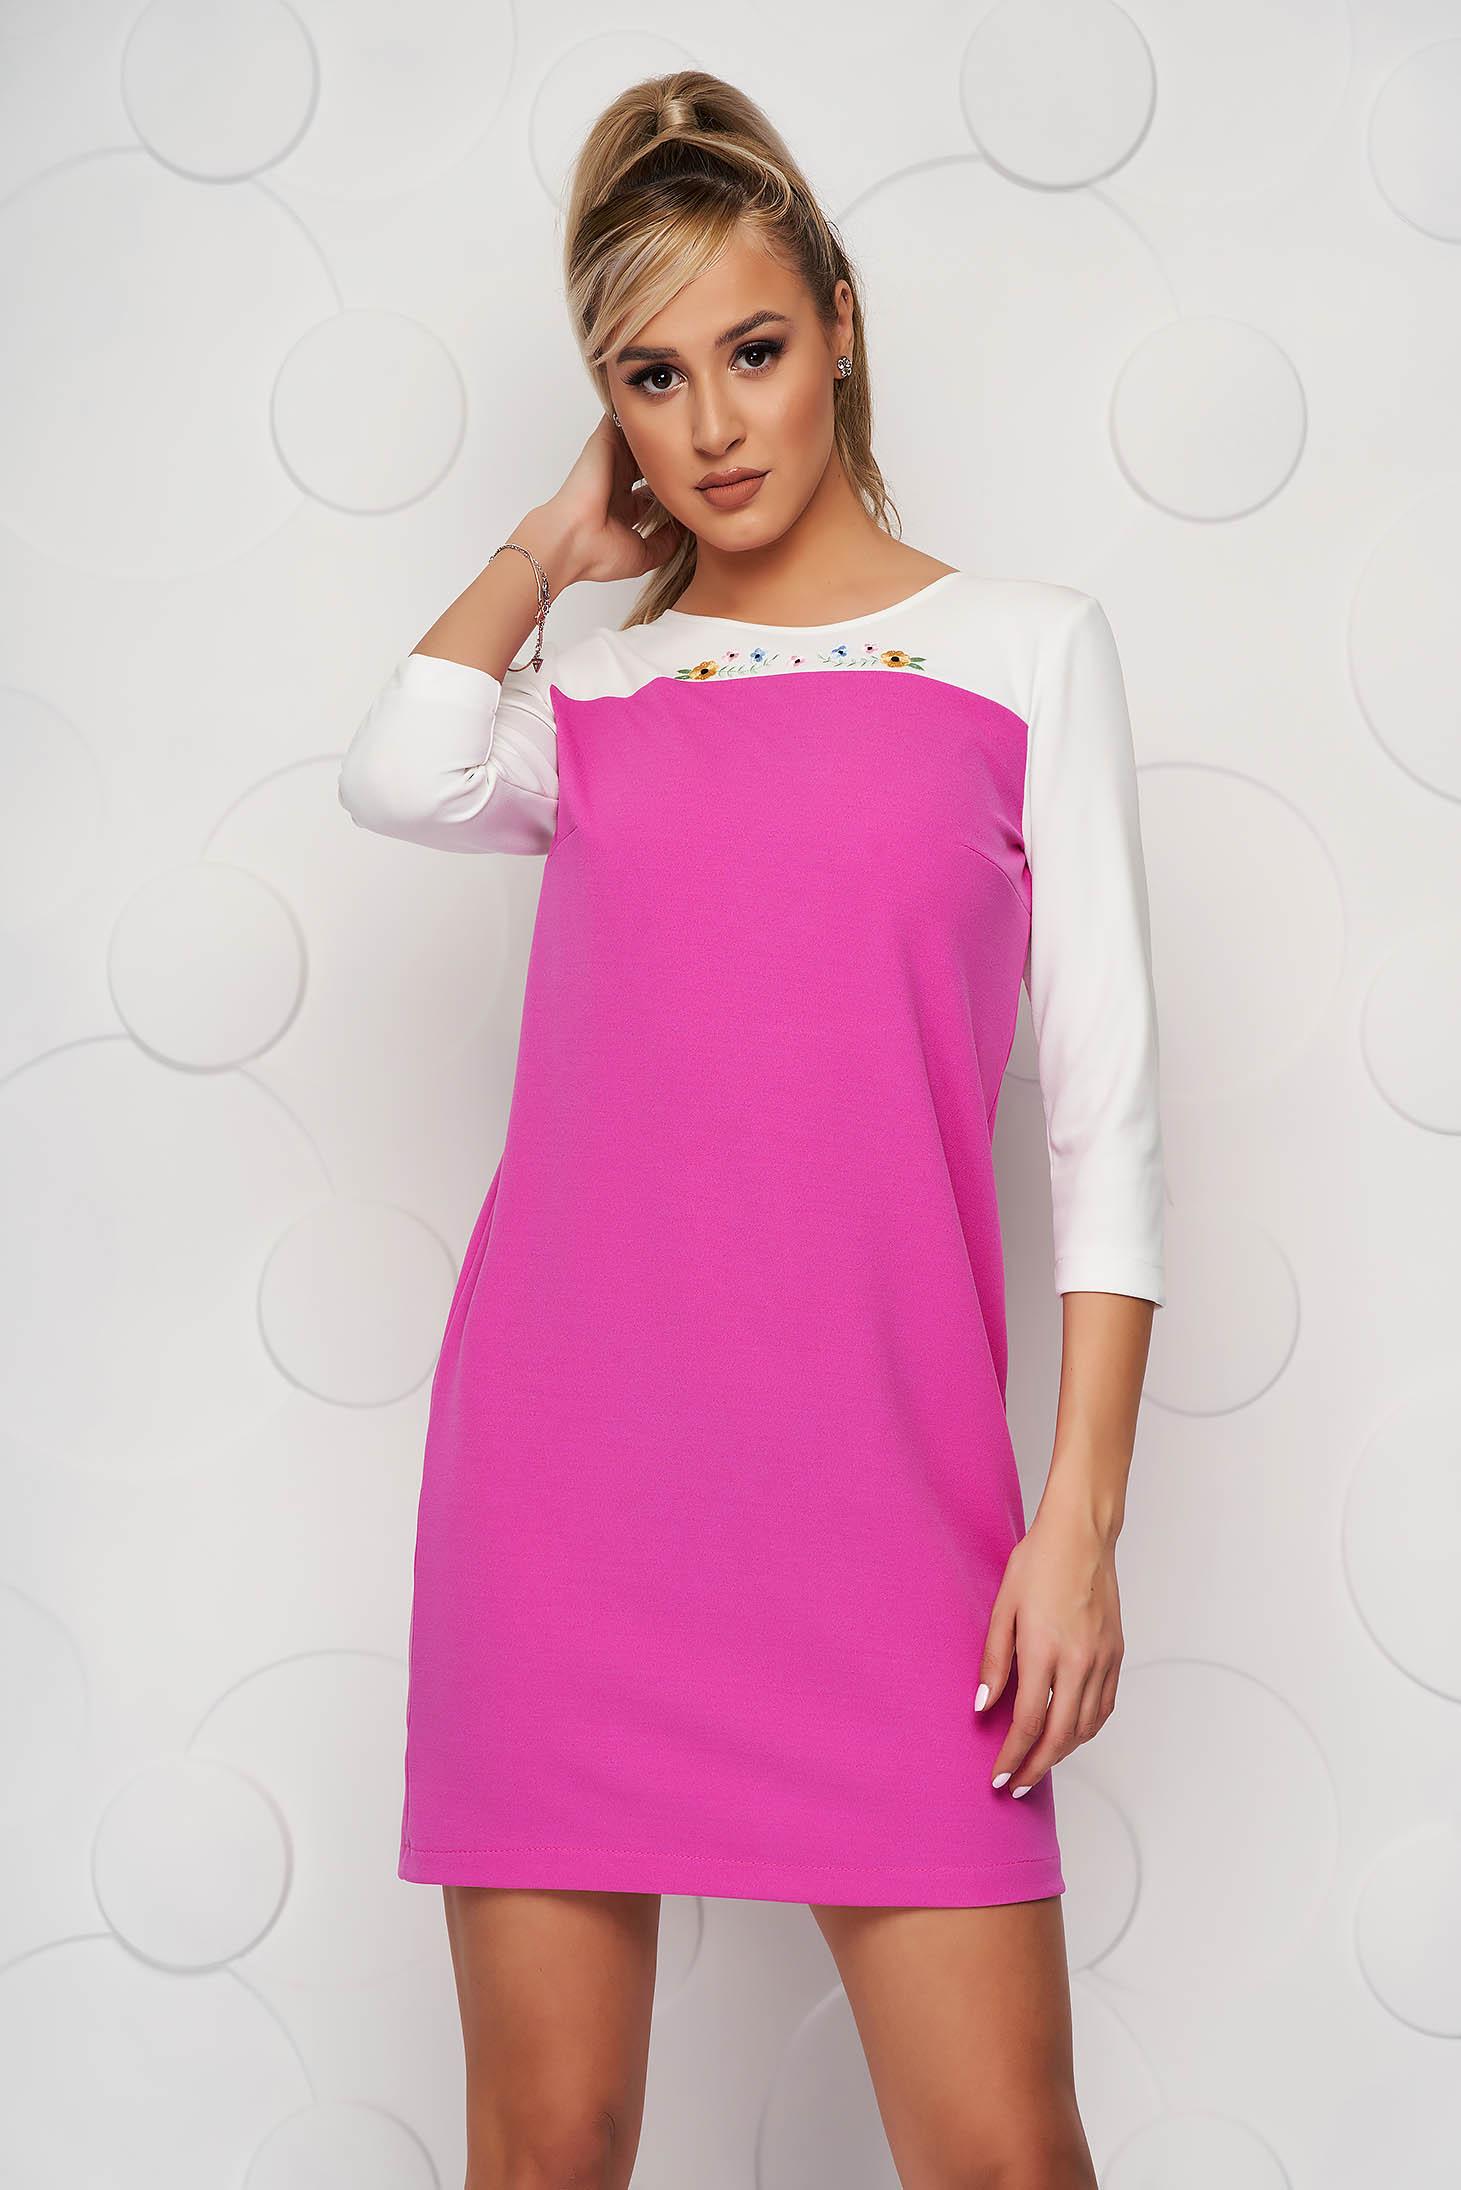 Rochie StarShinerS roz scurta cu croi larg din material elastic cu broderie unica